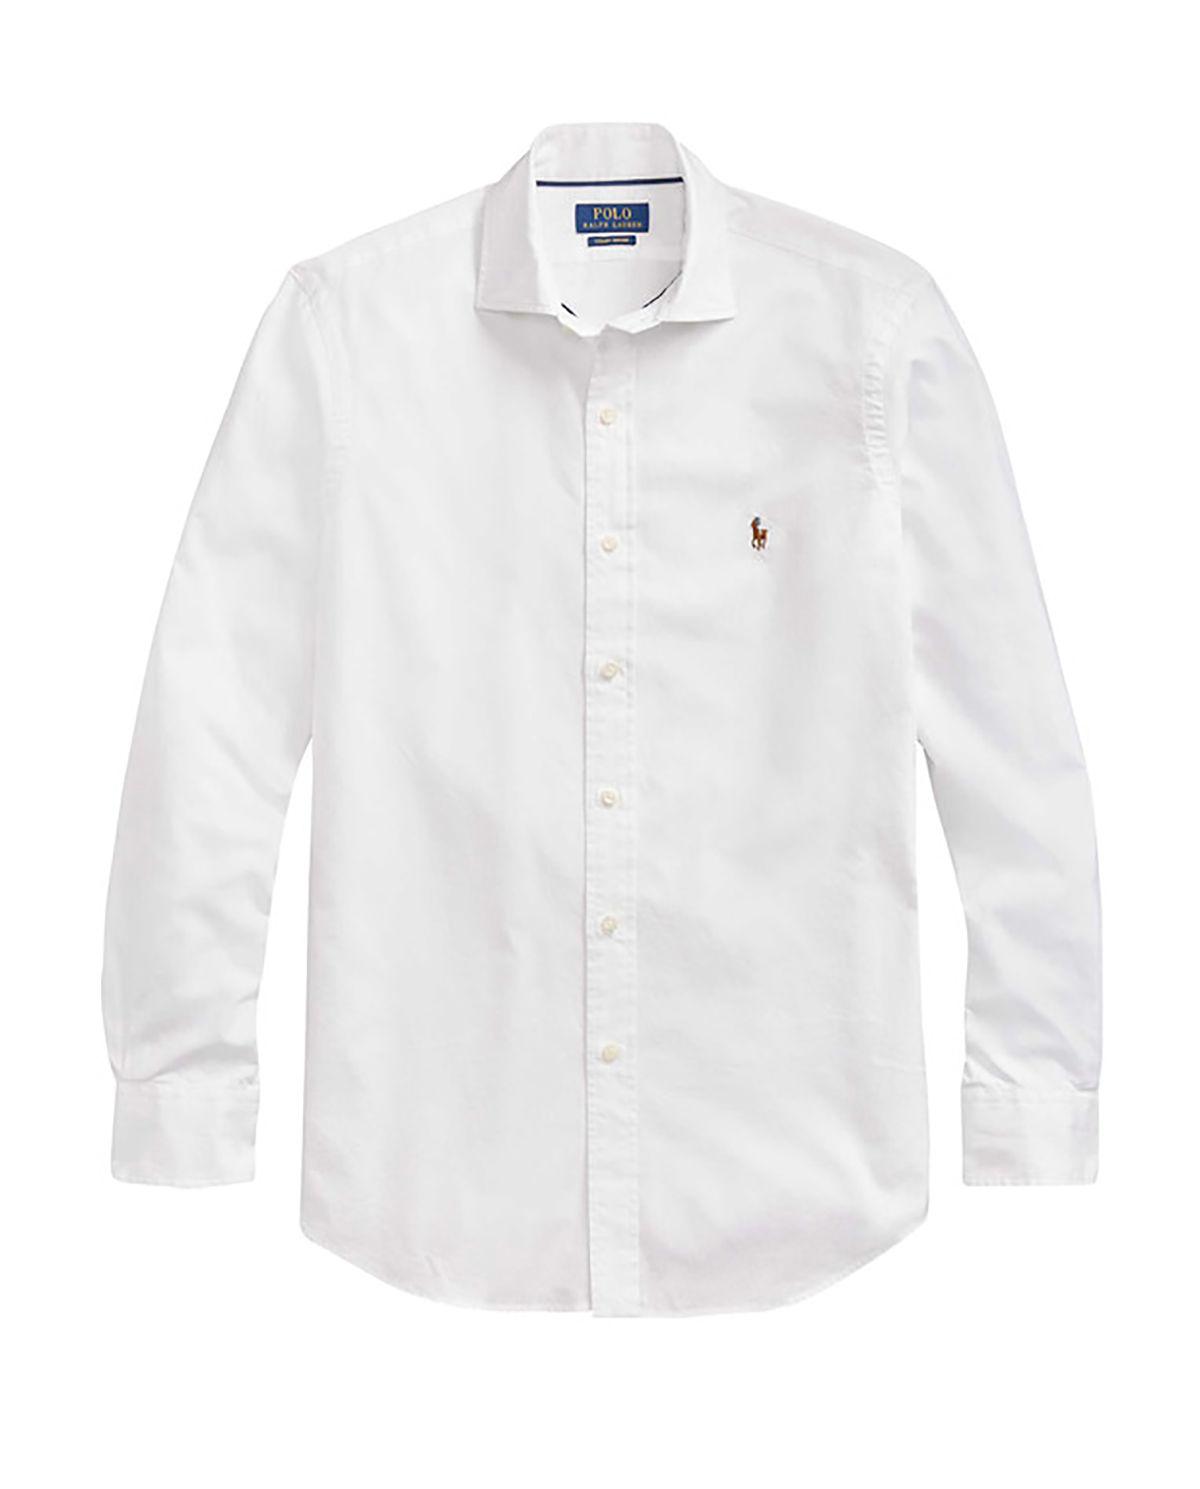 f03b0a38f Koszula oxford RALPH LAUREN – Kup Teraz! Najlepsze ceny i opinie ...